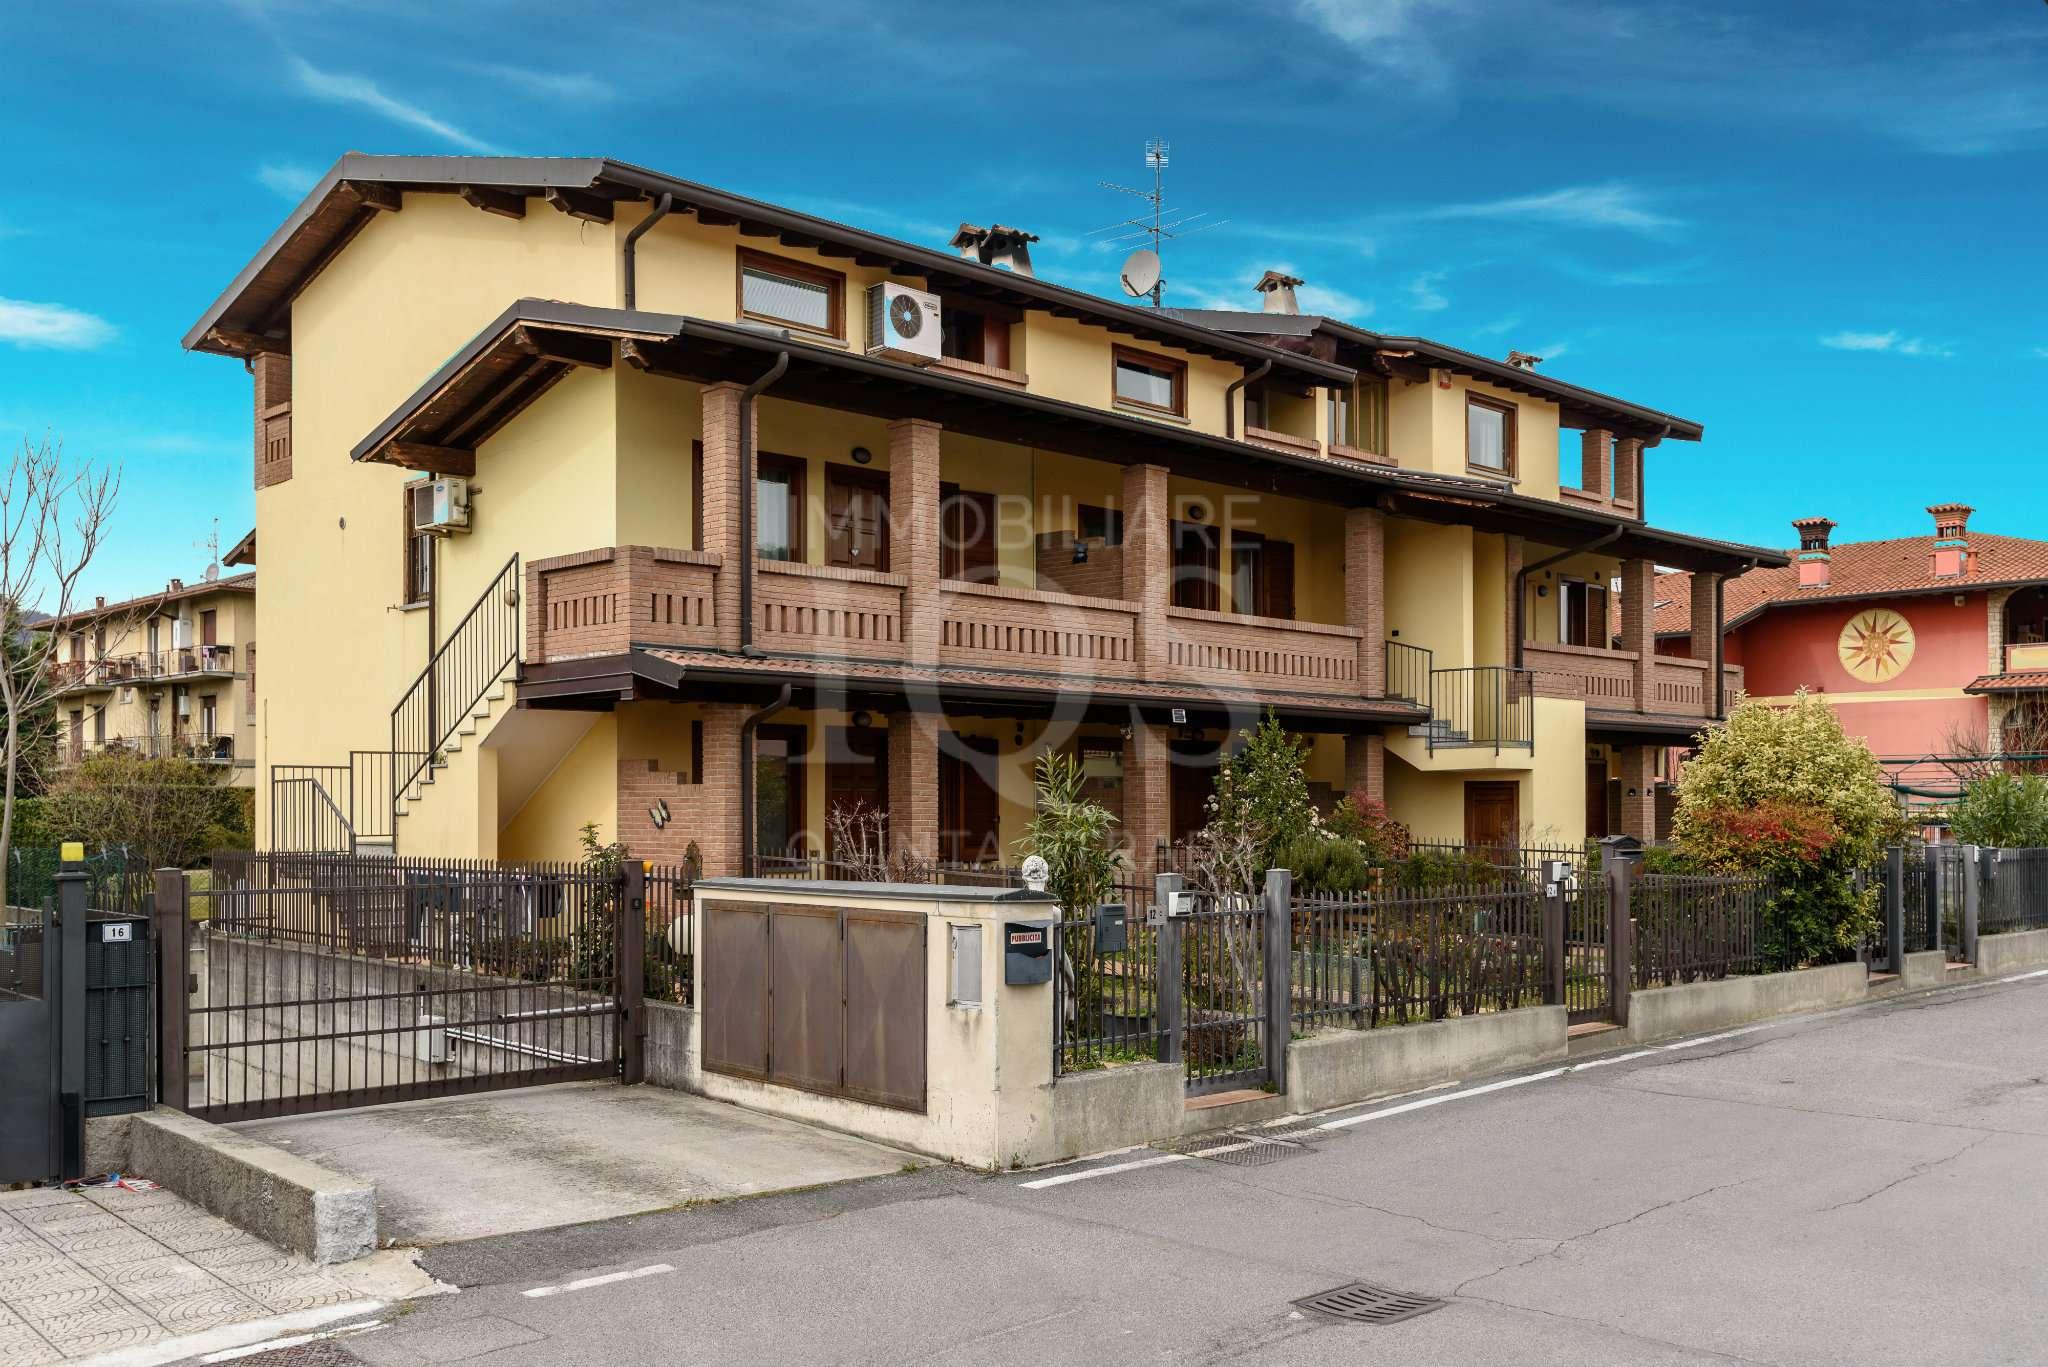 Appartamento in vendita a Capriolo, 3 locali, prezzo € 215.000 | PortaleAgenzieImmobiliari.it